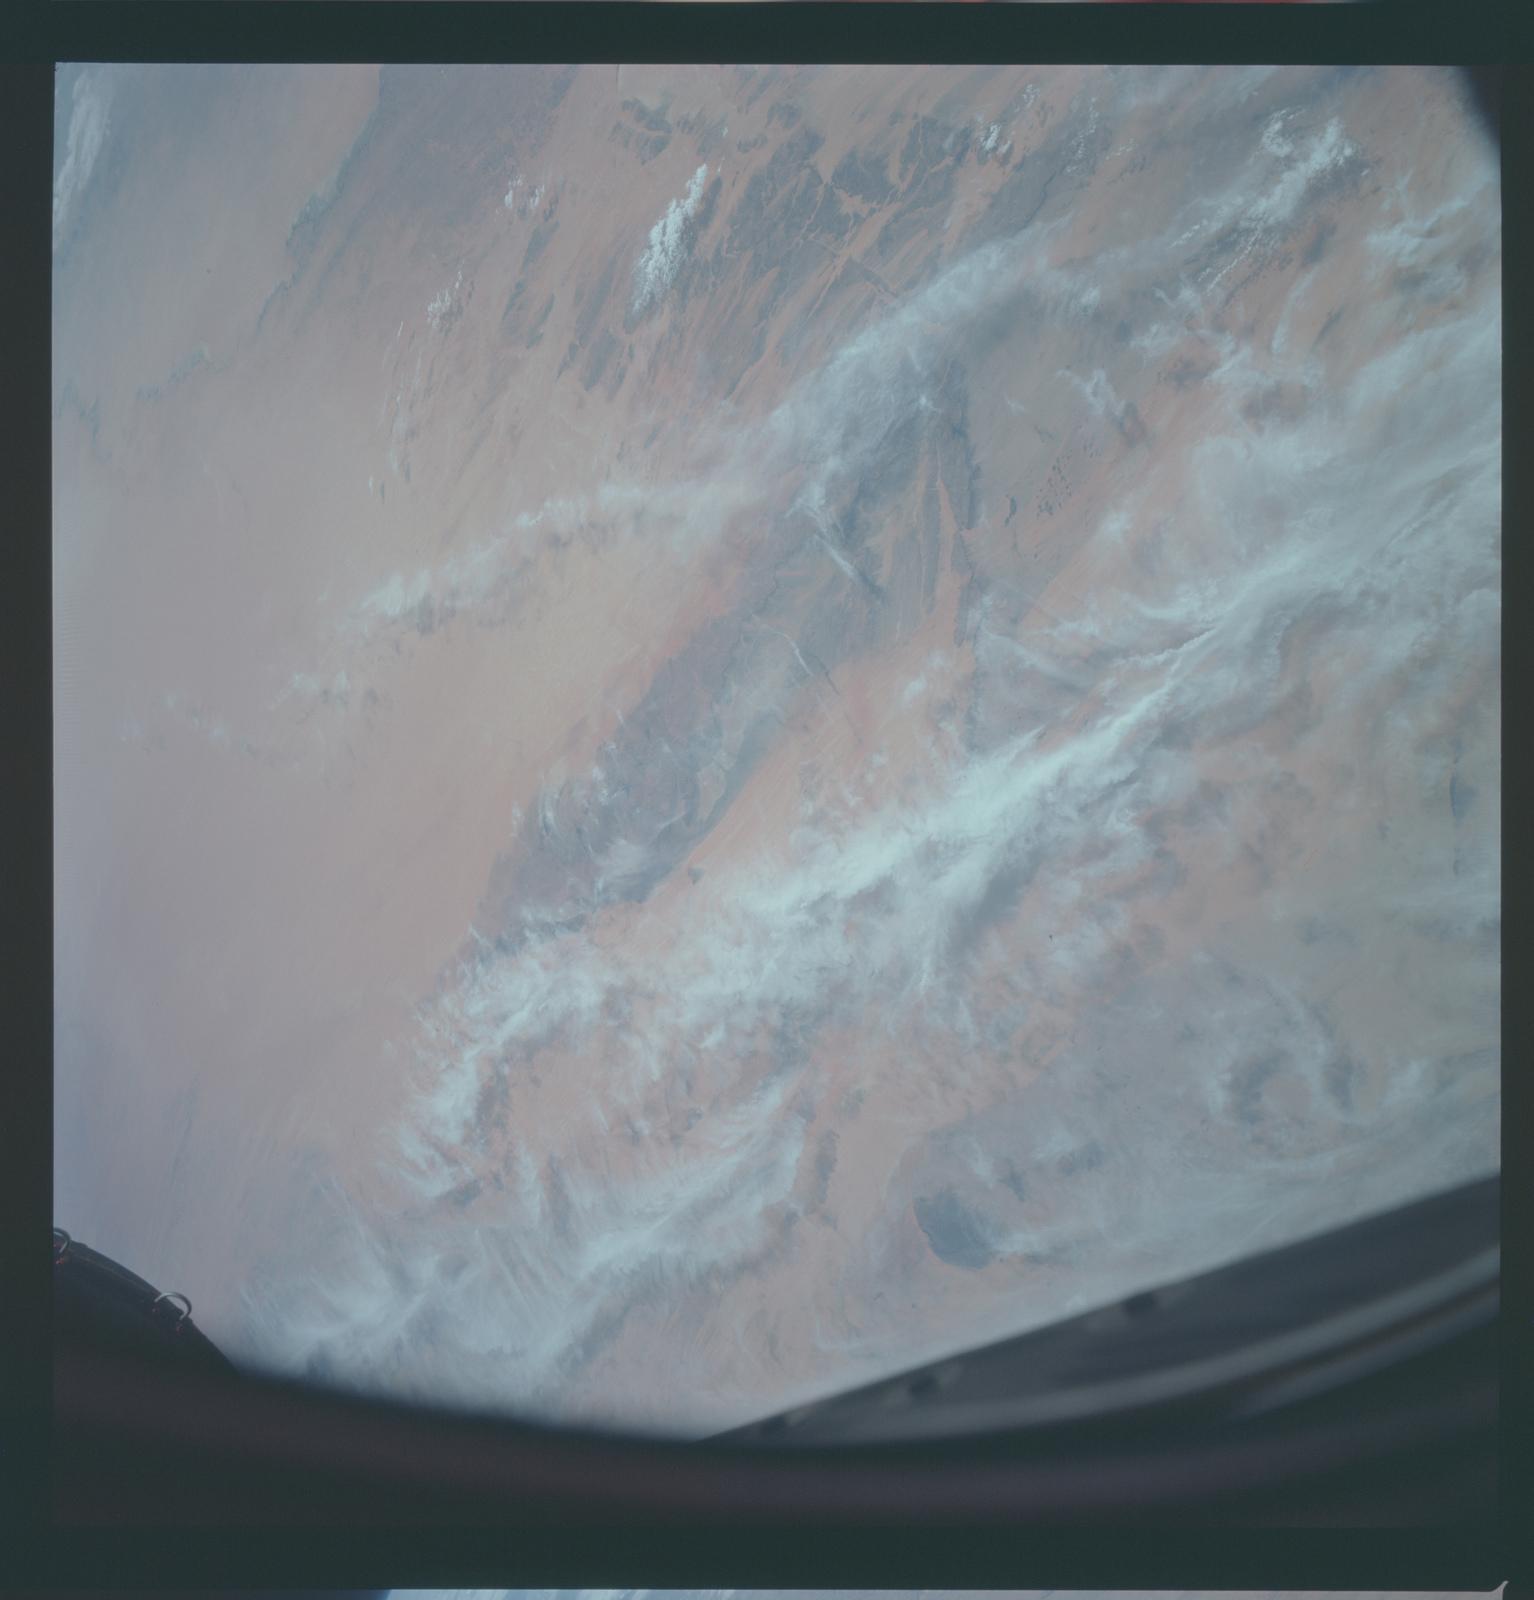 Gemini XII Mission Image - Mauritania